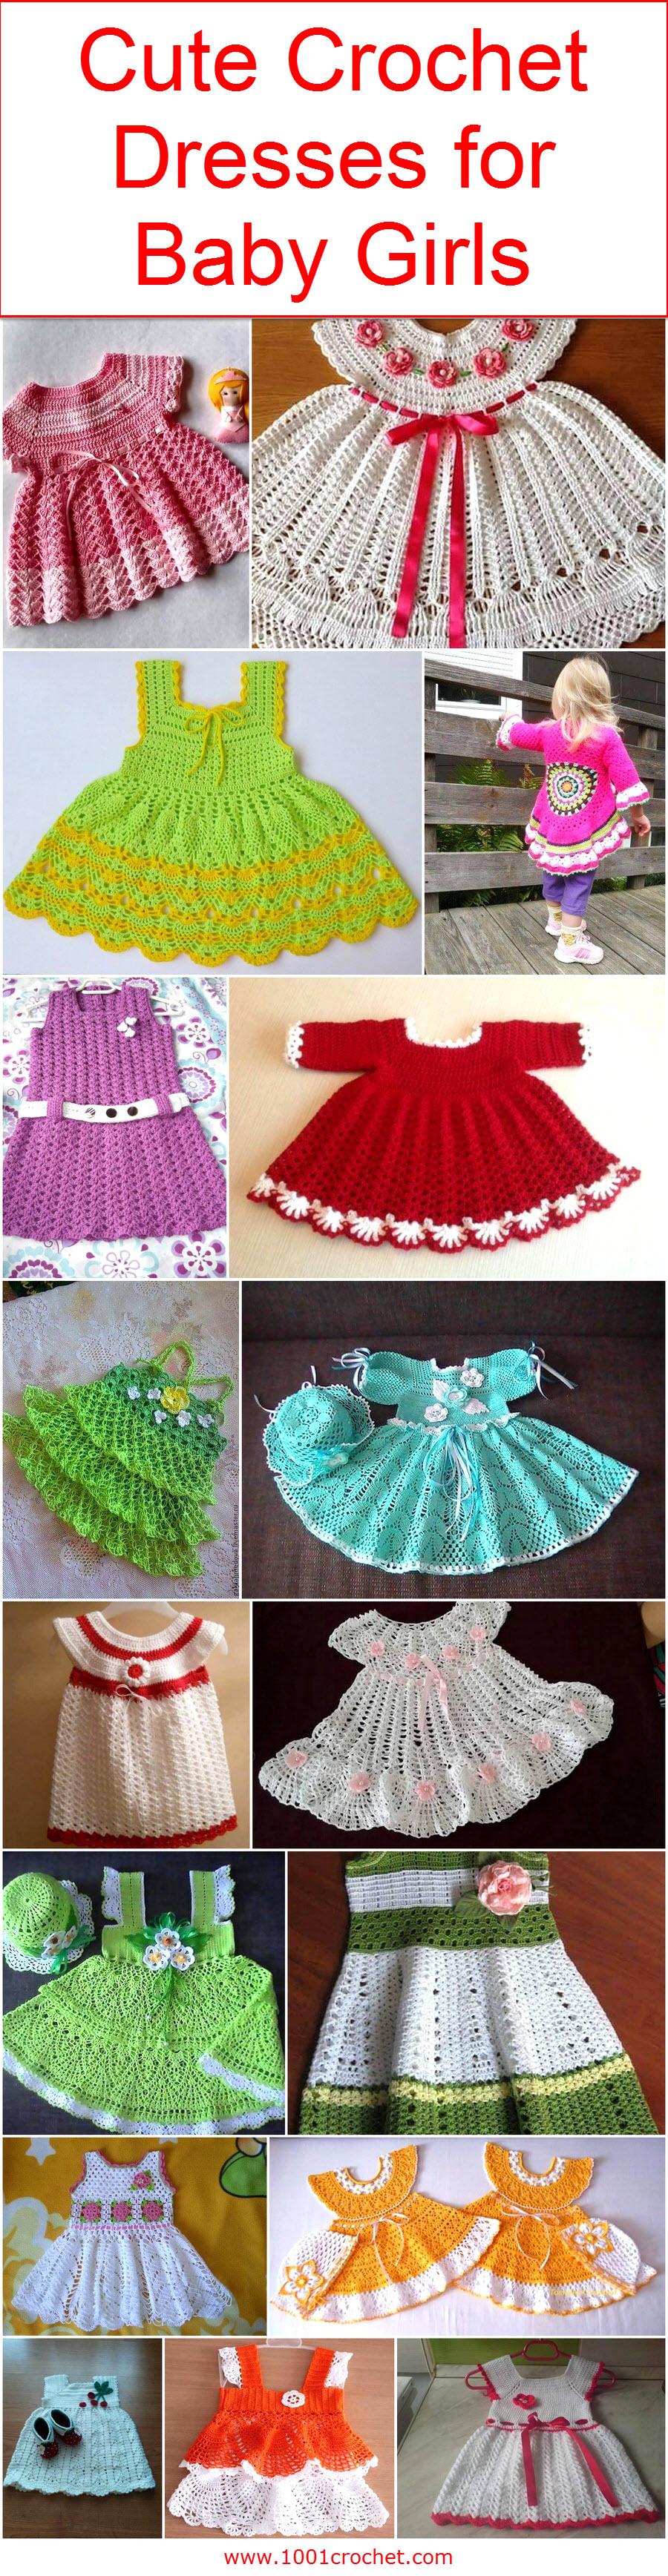 882402450 Cute Crochet Dresses for Baby Girls – 1001 Crochet